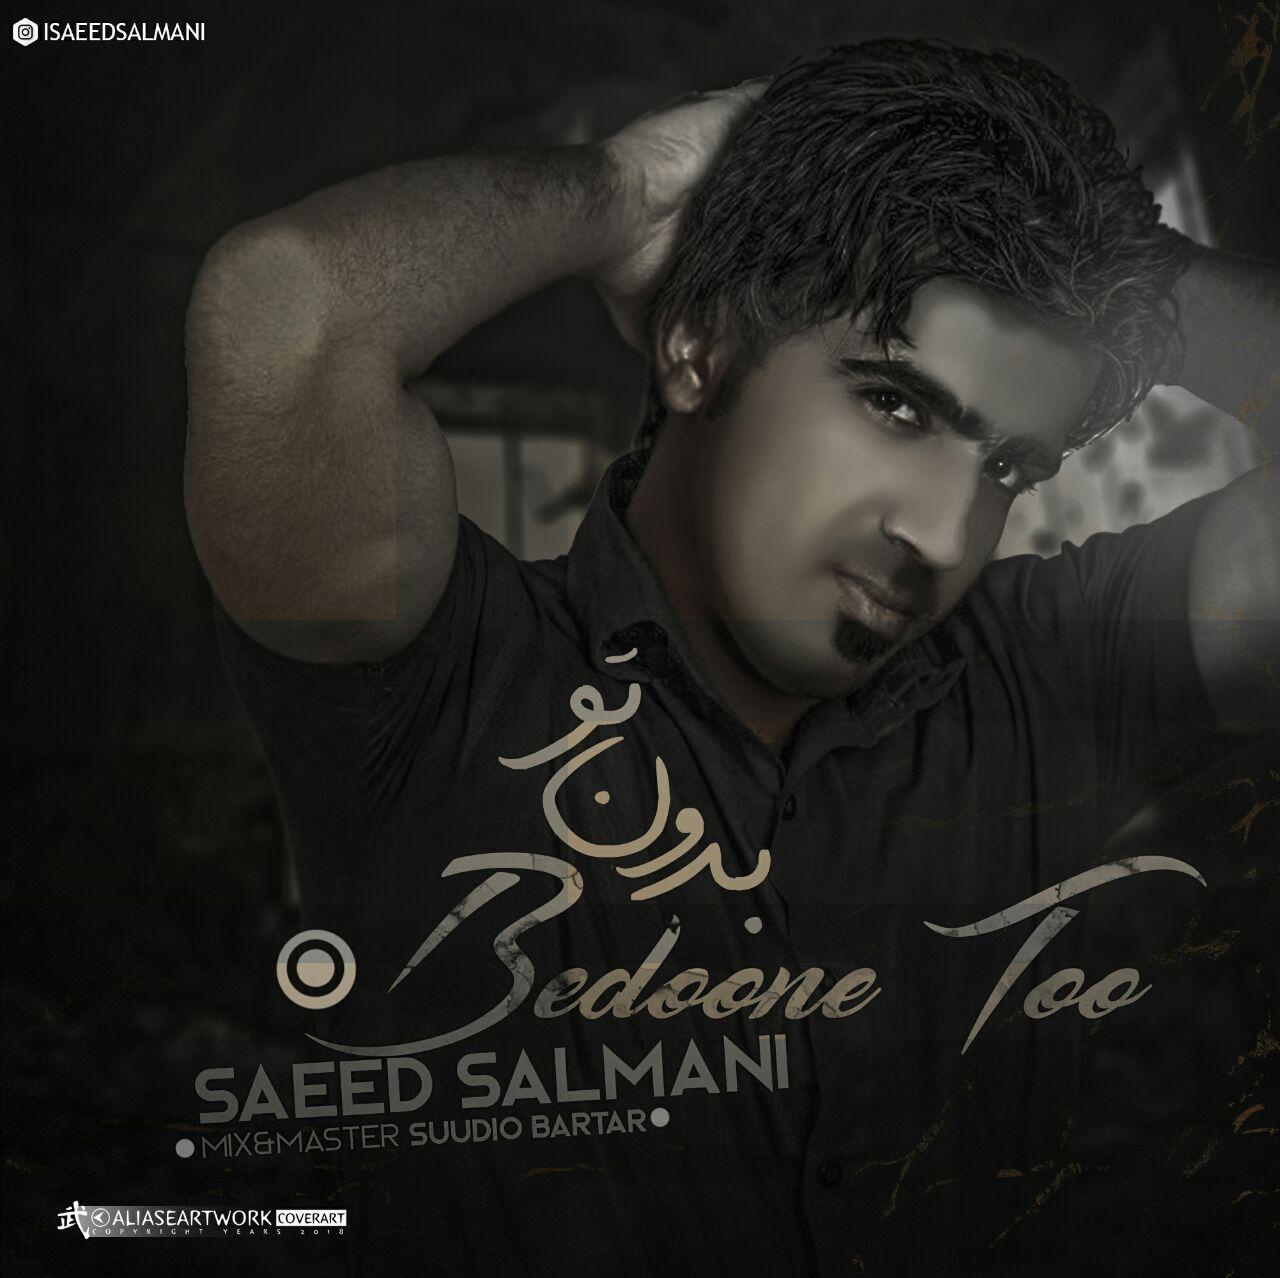 Saeed Salmani – Bedone To